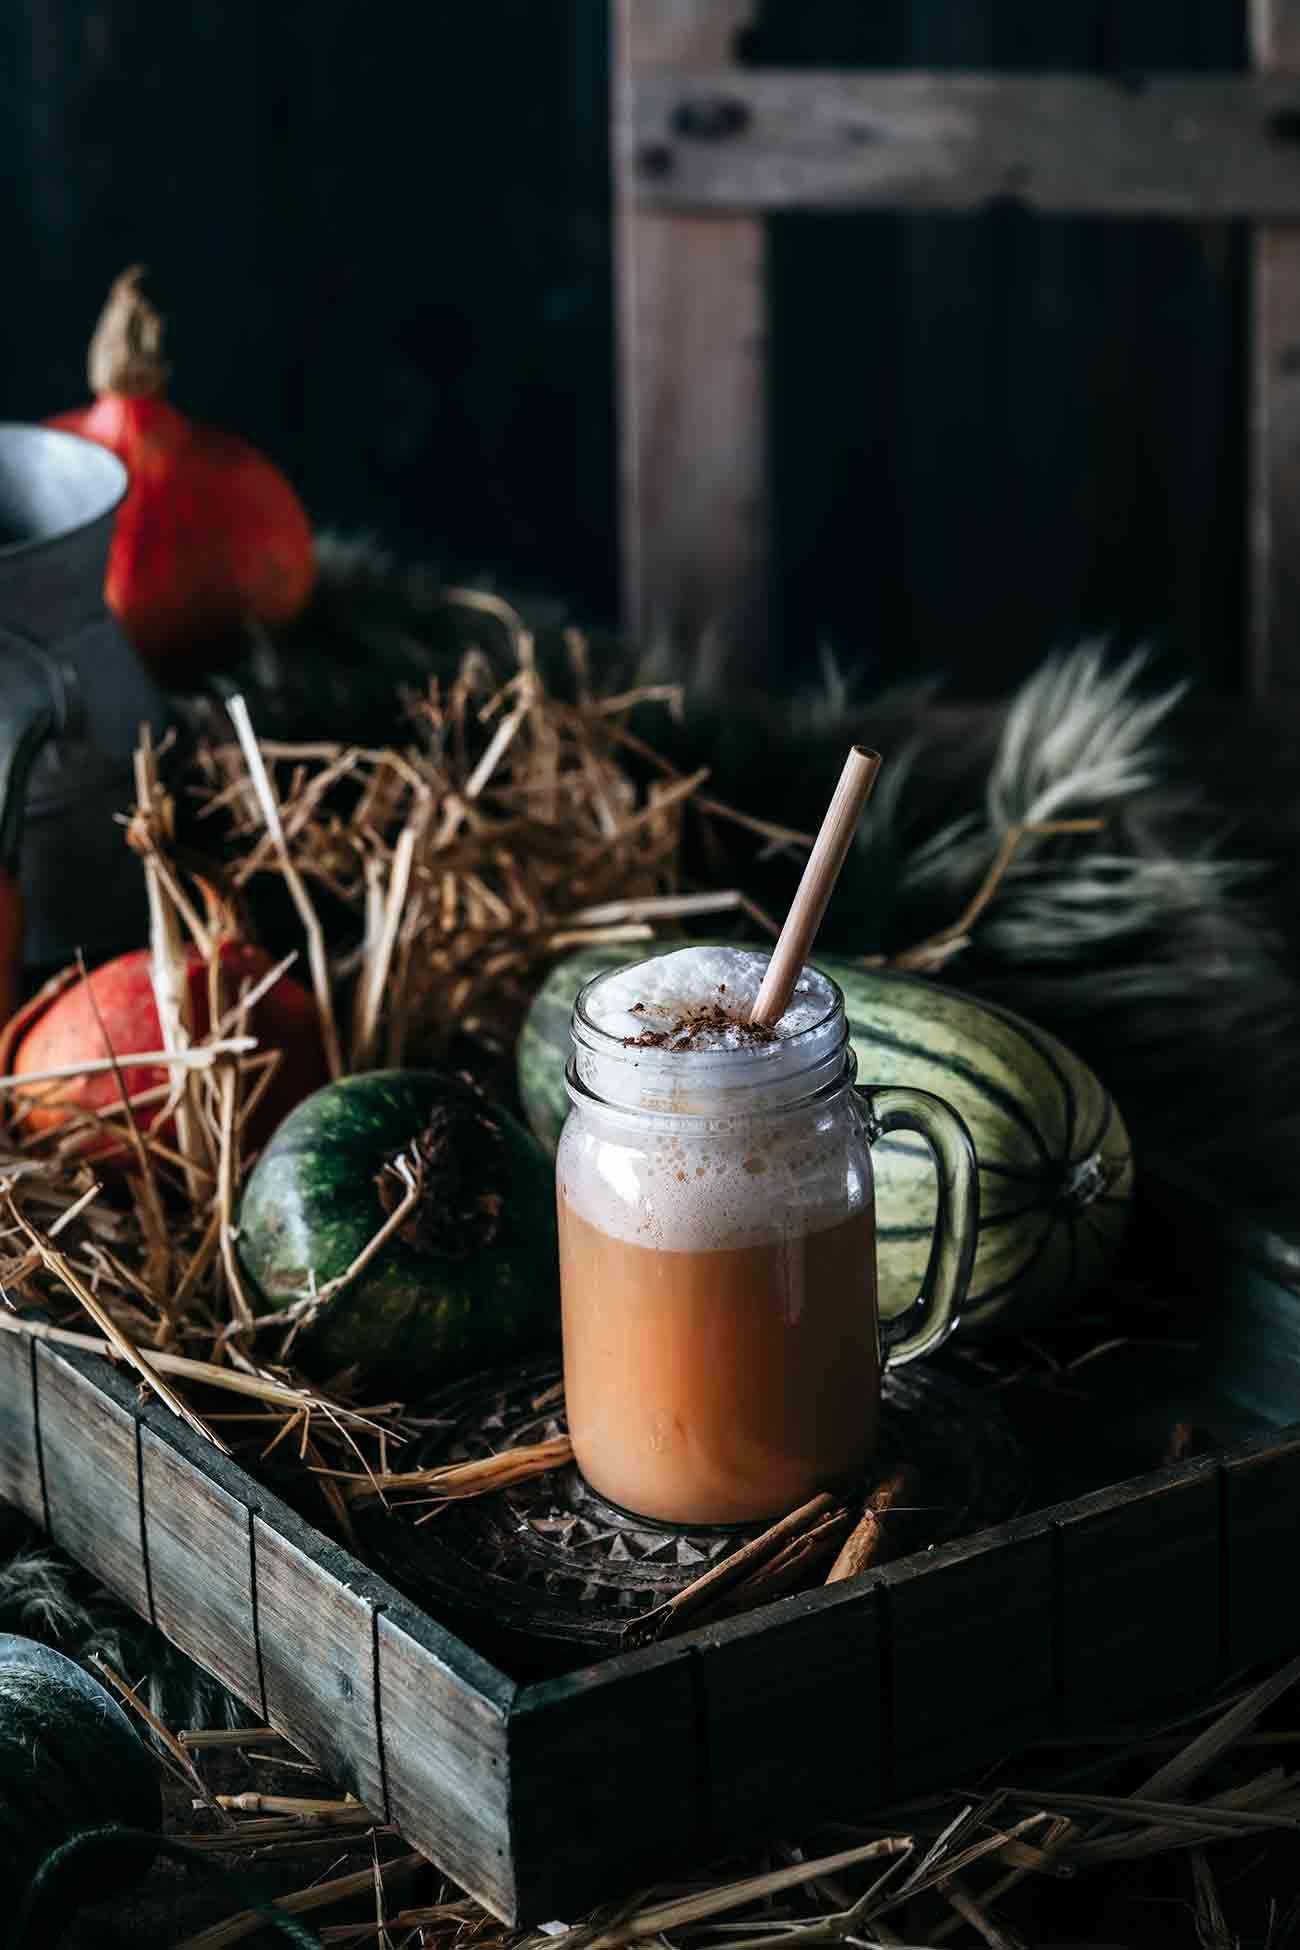 Jedes Jahr aufs Neue: der Pumpkin Spice Latte läutet den Herbst ein und ich bin immer direkt ganz vorne mit dabei. Nur dass ich ihn mir daheim selber mache. Das ist nämlich gar nicht schwer und das Kürbispüree ist auch schnell selbst gemacht. Noch ein großer Vorteil ist es, dass ich dazu meinen Lieblingskaffee nutzen kann. Für einen Pumkin Spice Latte braucht es kräftige Espresso Bohnen. Ich nehme hier die Bohnen meines Partners Jacobs aus der Barista Editions Espresso. Lust bekommen?